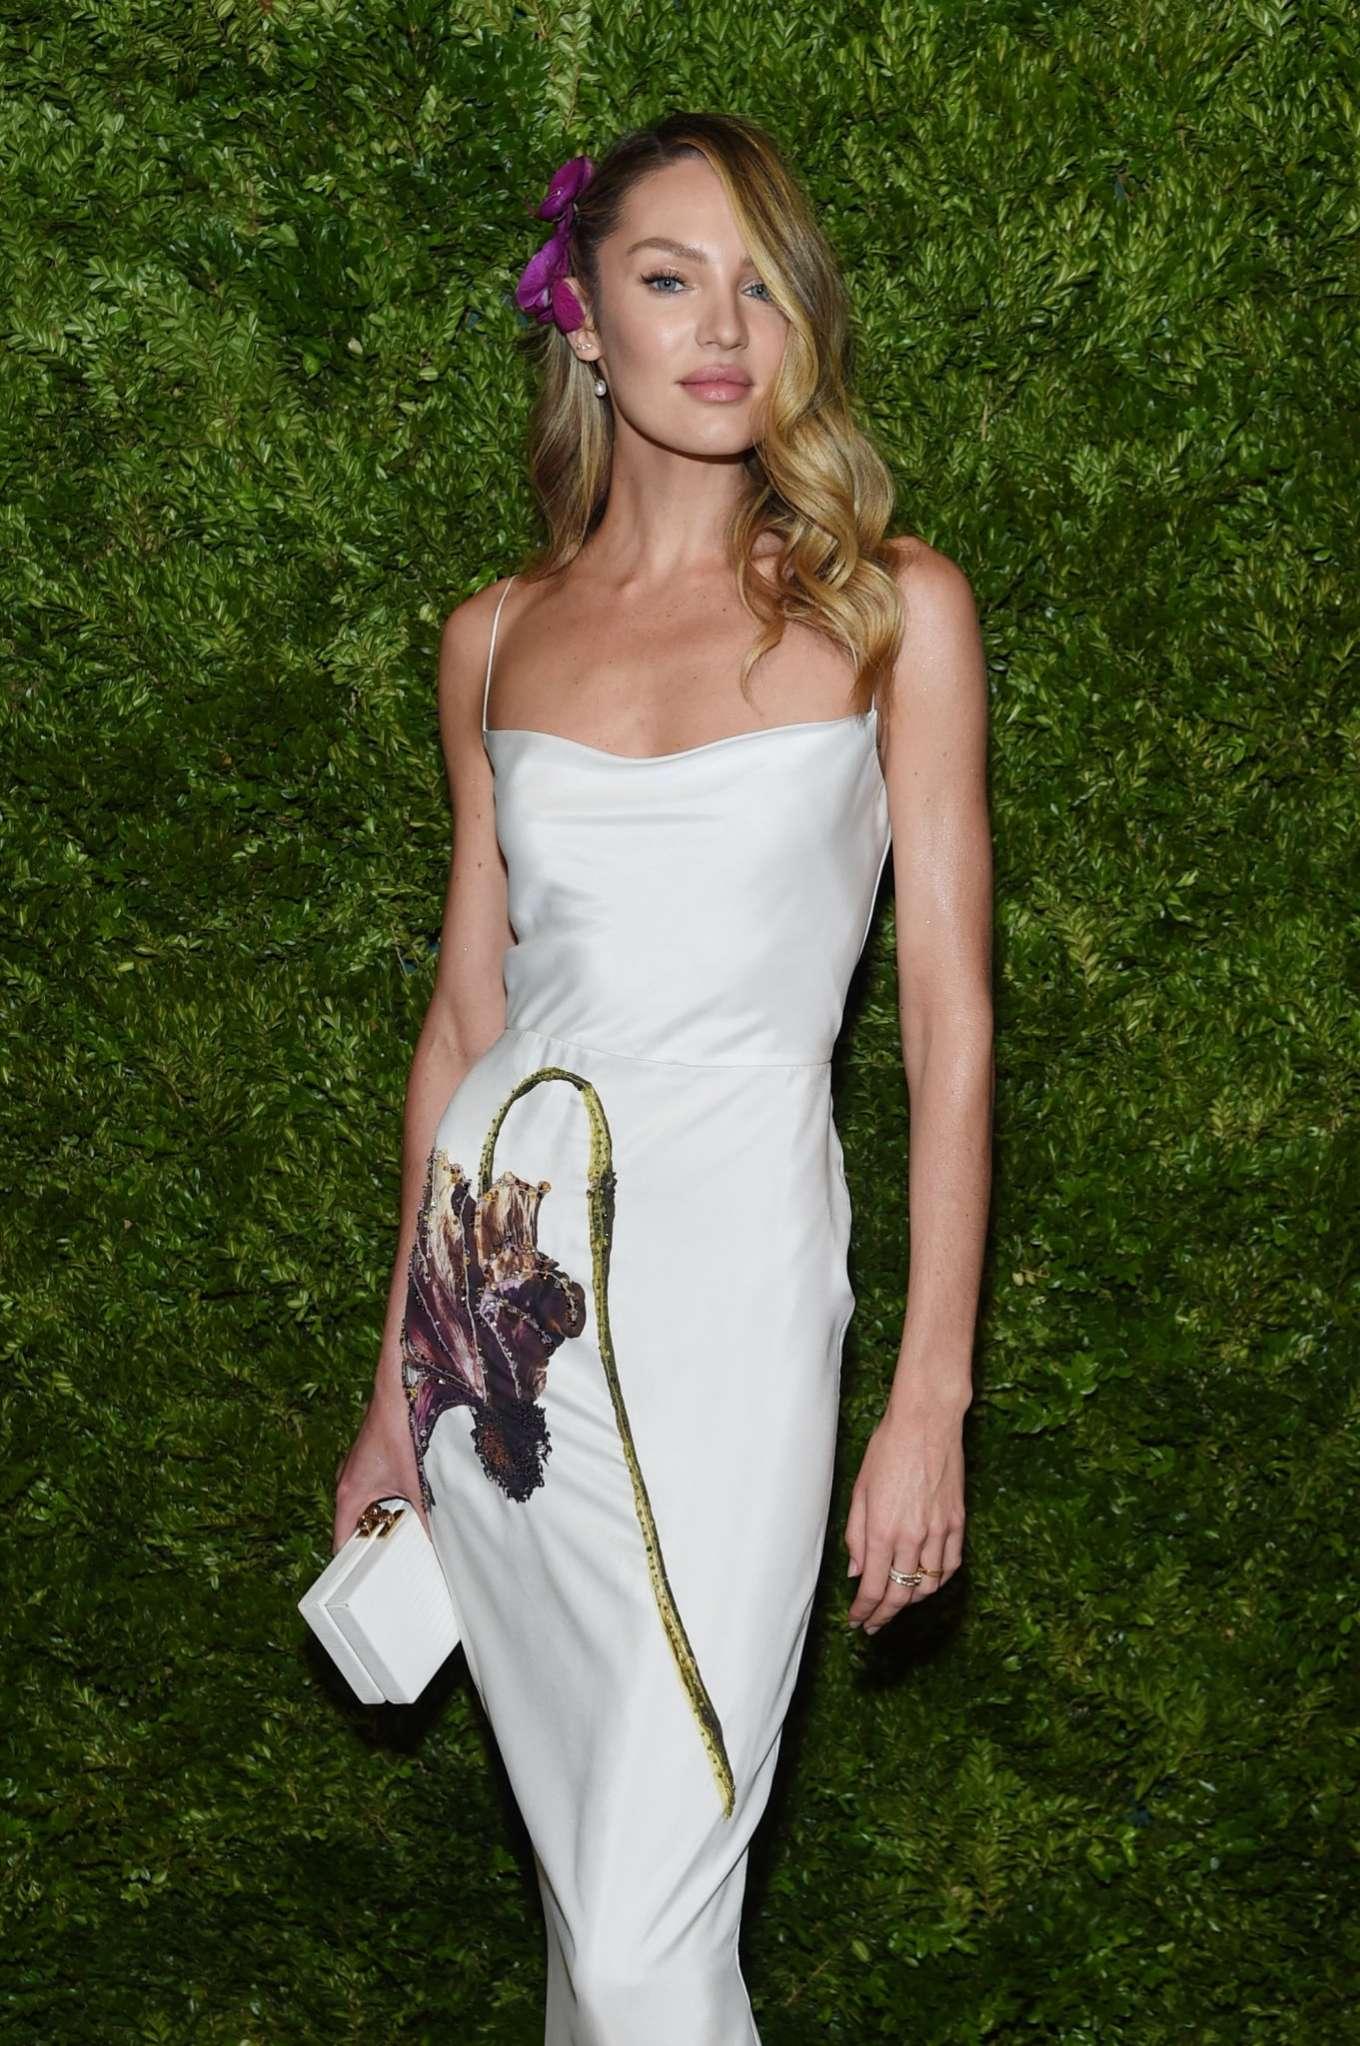 Candice Swanepoel 2019 : Candice Swanepoel – CFDA Vogue Fashion Fund 2019 Awards-03